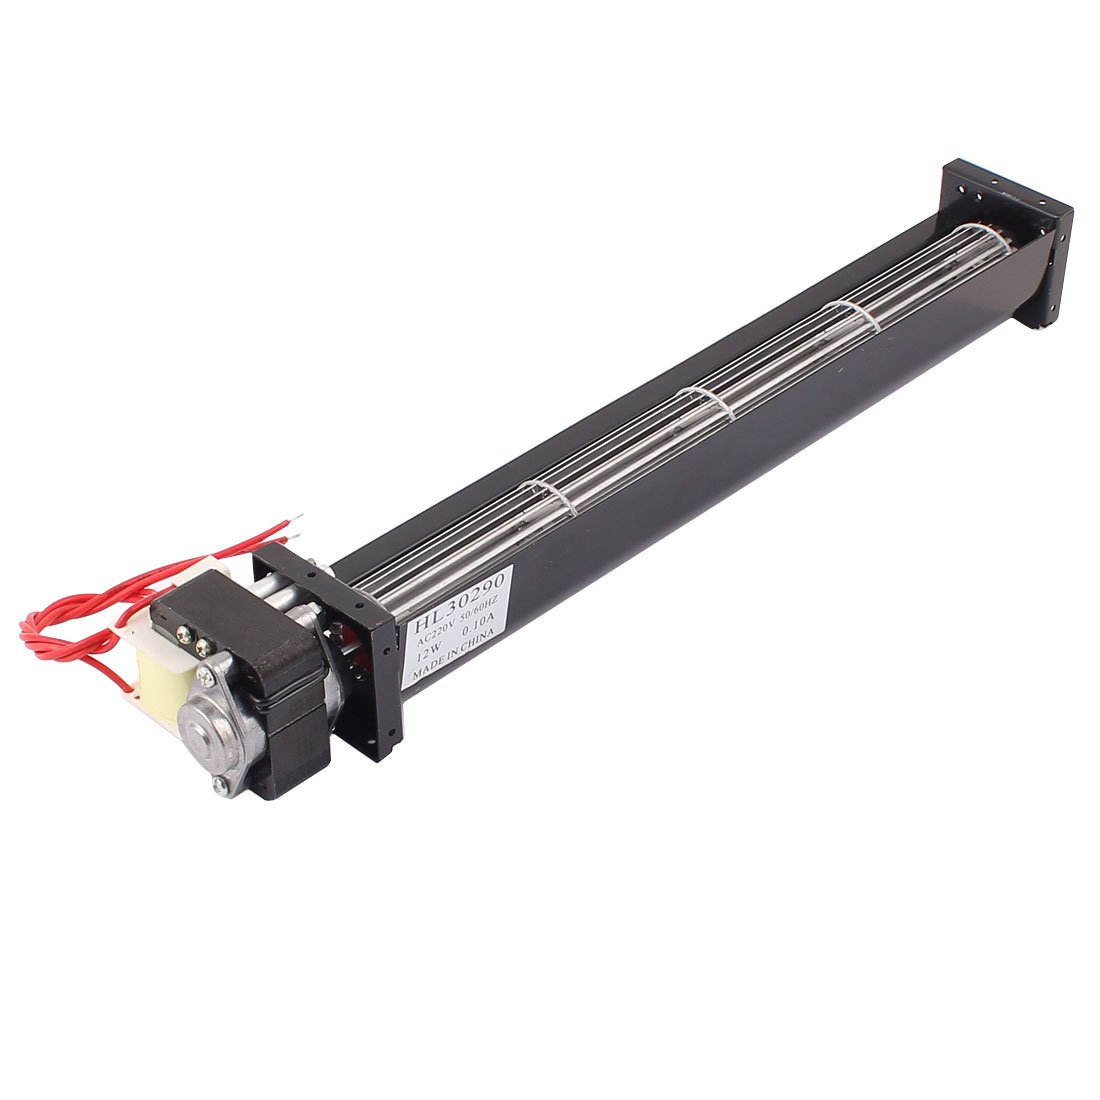 sourcingmap® AC 220V 1.4 m3/min di flusso trasversale della ventola di raffreddamento dello scambiatore di calore dell'amplificatore sourcing map a15102200ux0133